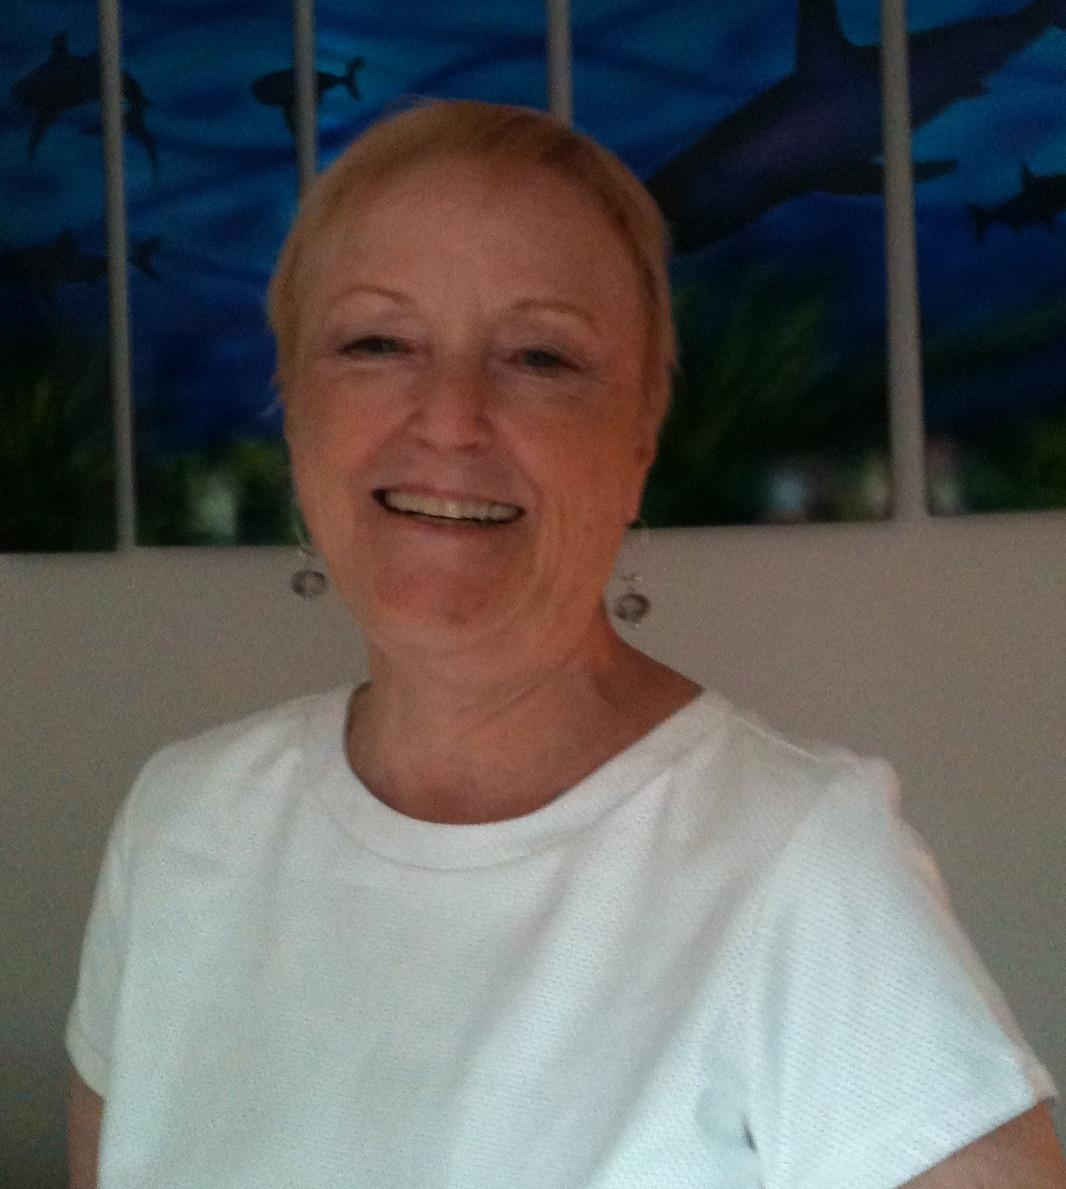 Helen from Islamorada